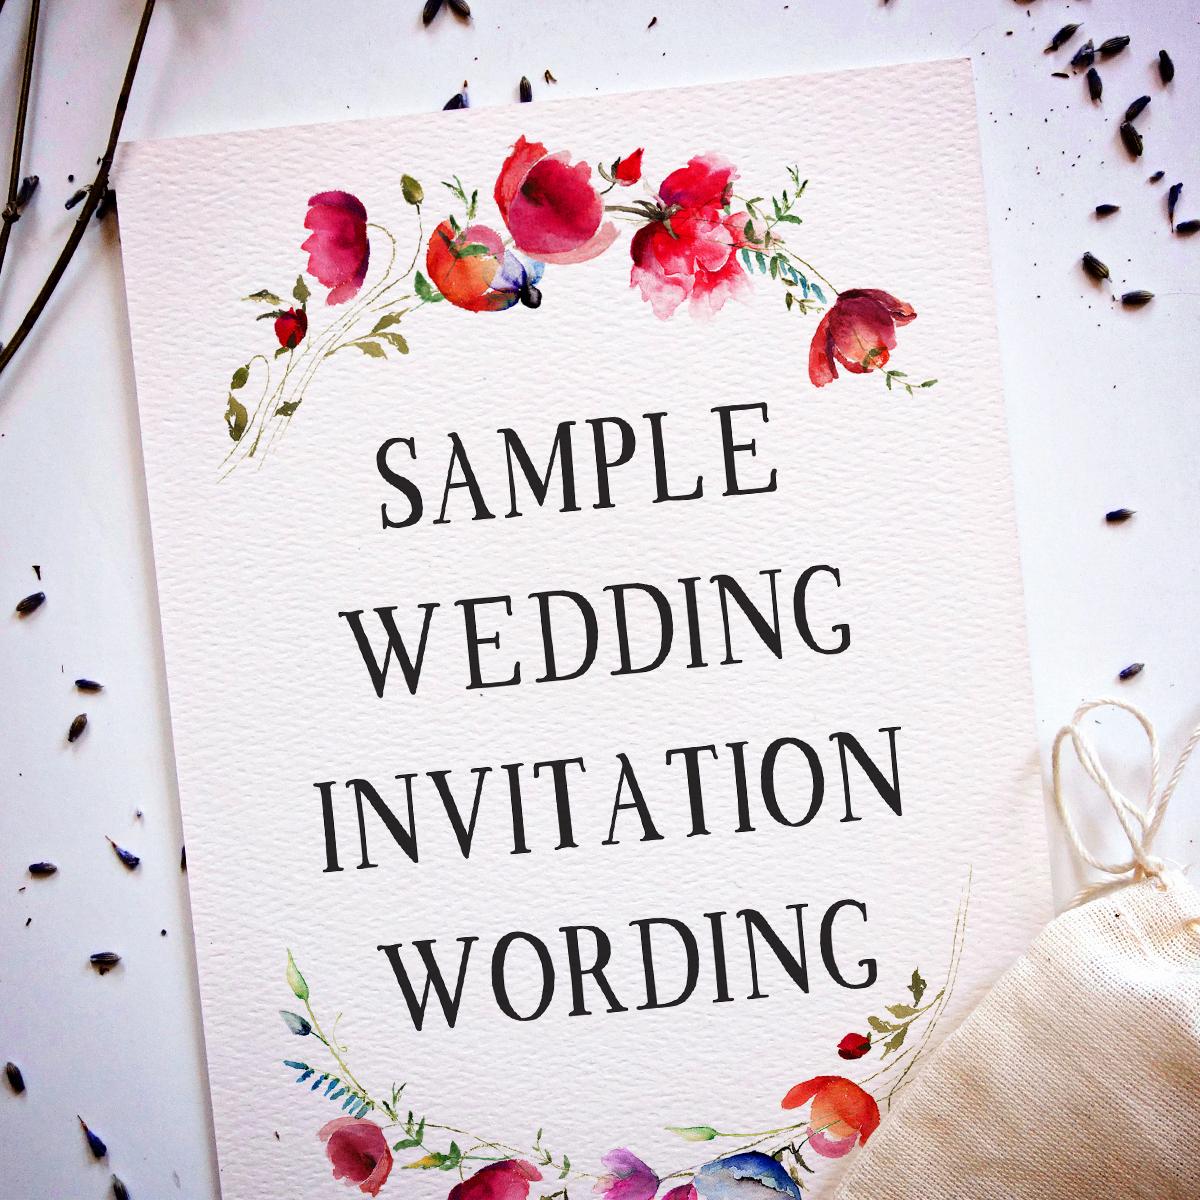 Simple Wedding Invitation Wording Unique Wedding Invitation Wording Samples From Traditional to